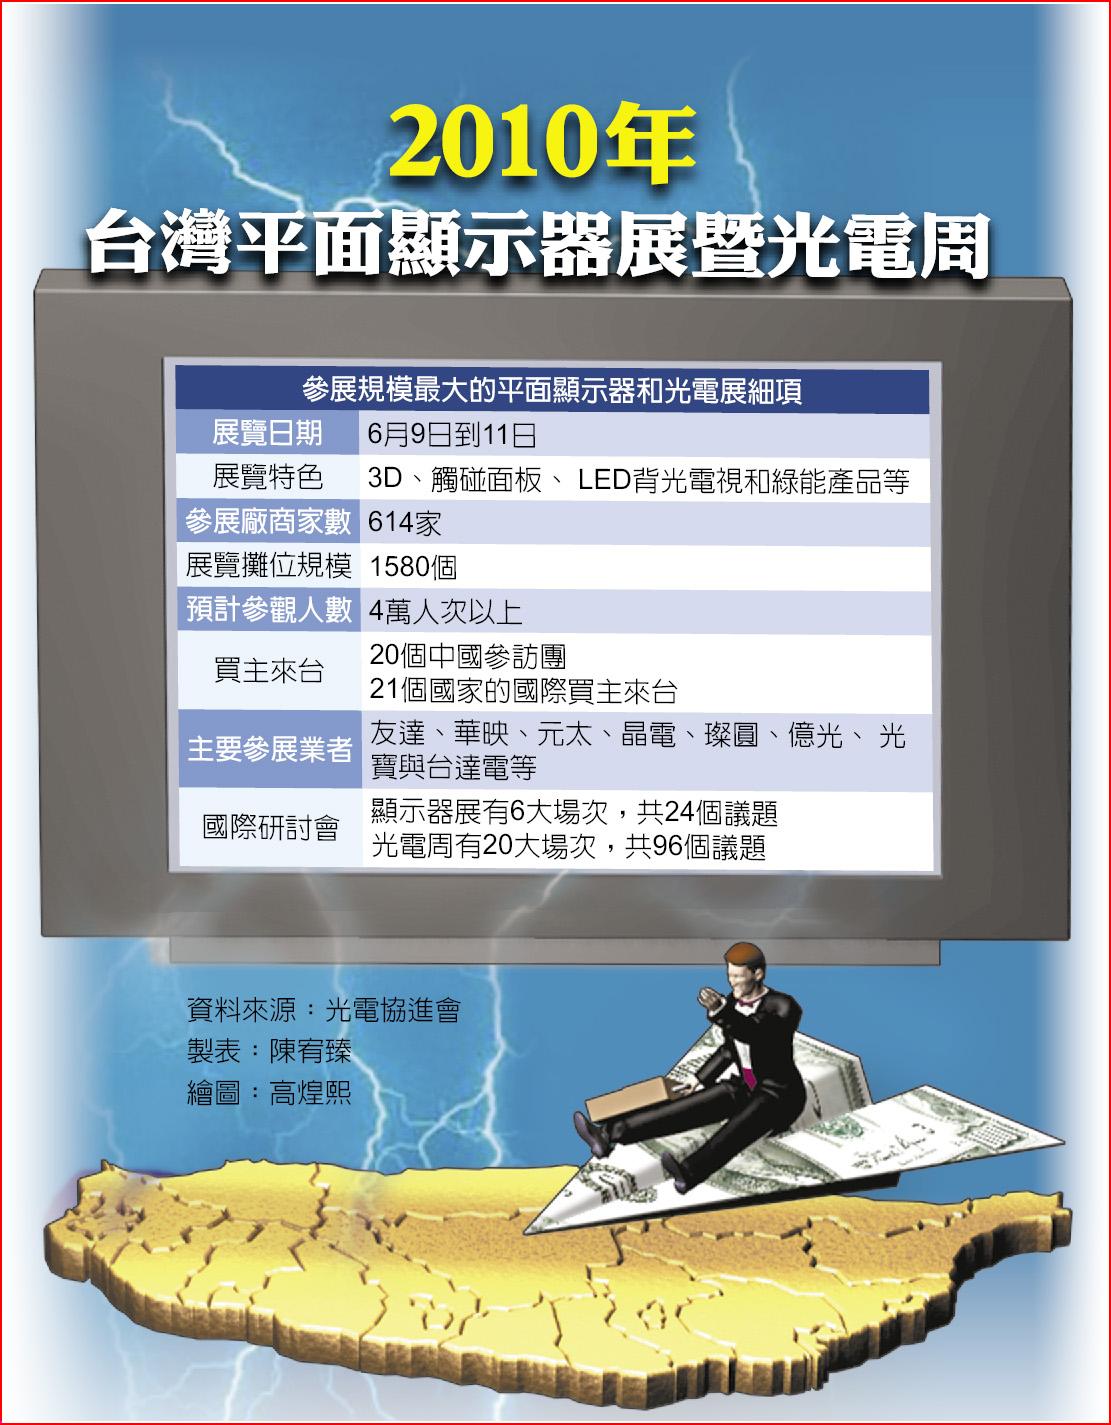 2010年台灣平面顯示器展暨光電周